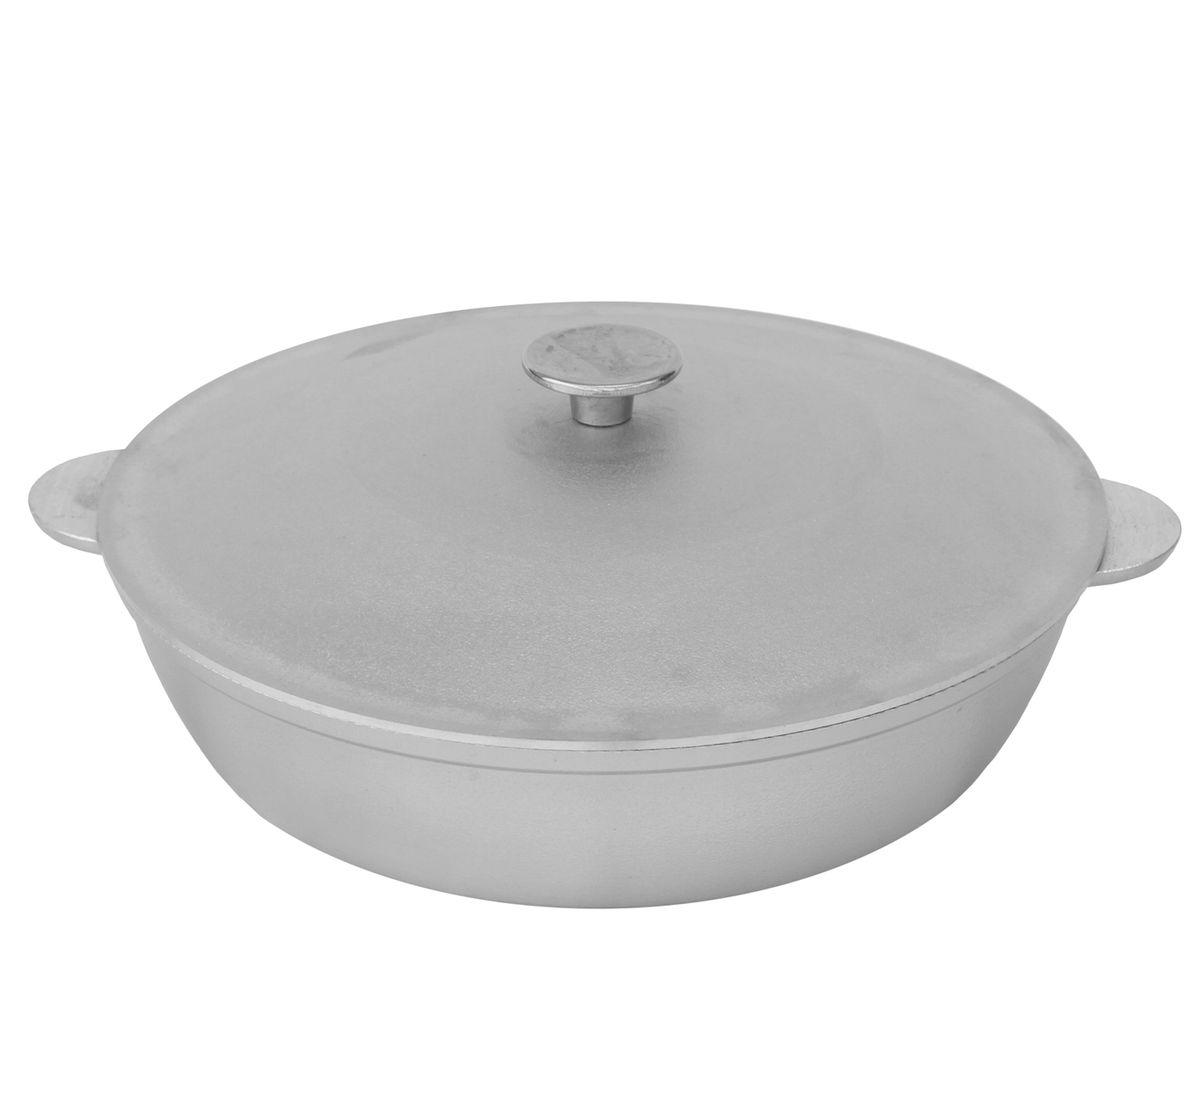 Сковорода БИОЛ с крышкой, с 2 ручками. Диаметр 36 см54 009312Сковорода БИОЛ, изготовленная из литого алюминиевого сплава, прекрасно подходит для приготовления повседневных блюд. Гладкая поверхность обеспечивает легкость ухода за посудой. Изделие оснащено крышкой и двумя ручками.Подходит для газовых и электрических плит.Диаметр сковороды (по верхнему краю): 36 см.Высота стенки: 9 см.Ширина сковороды (с учетом ручек): 42 см.Диаметр дна: 27 см.